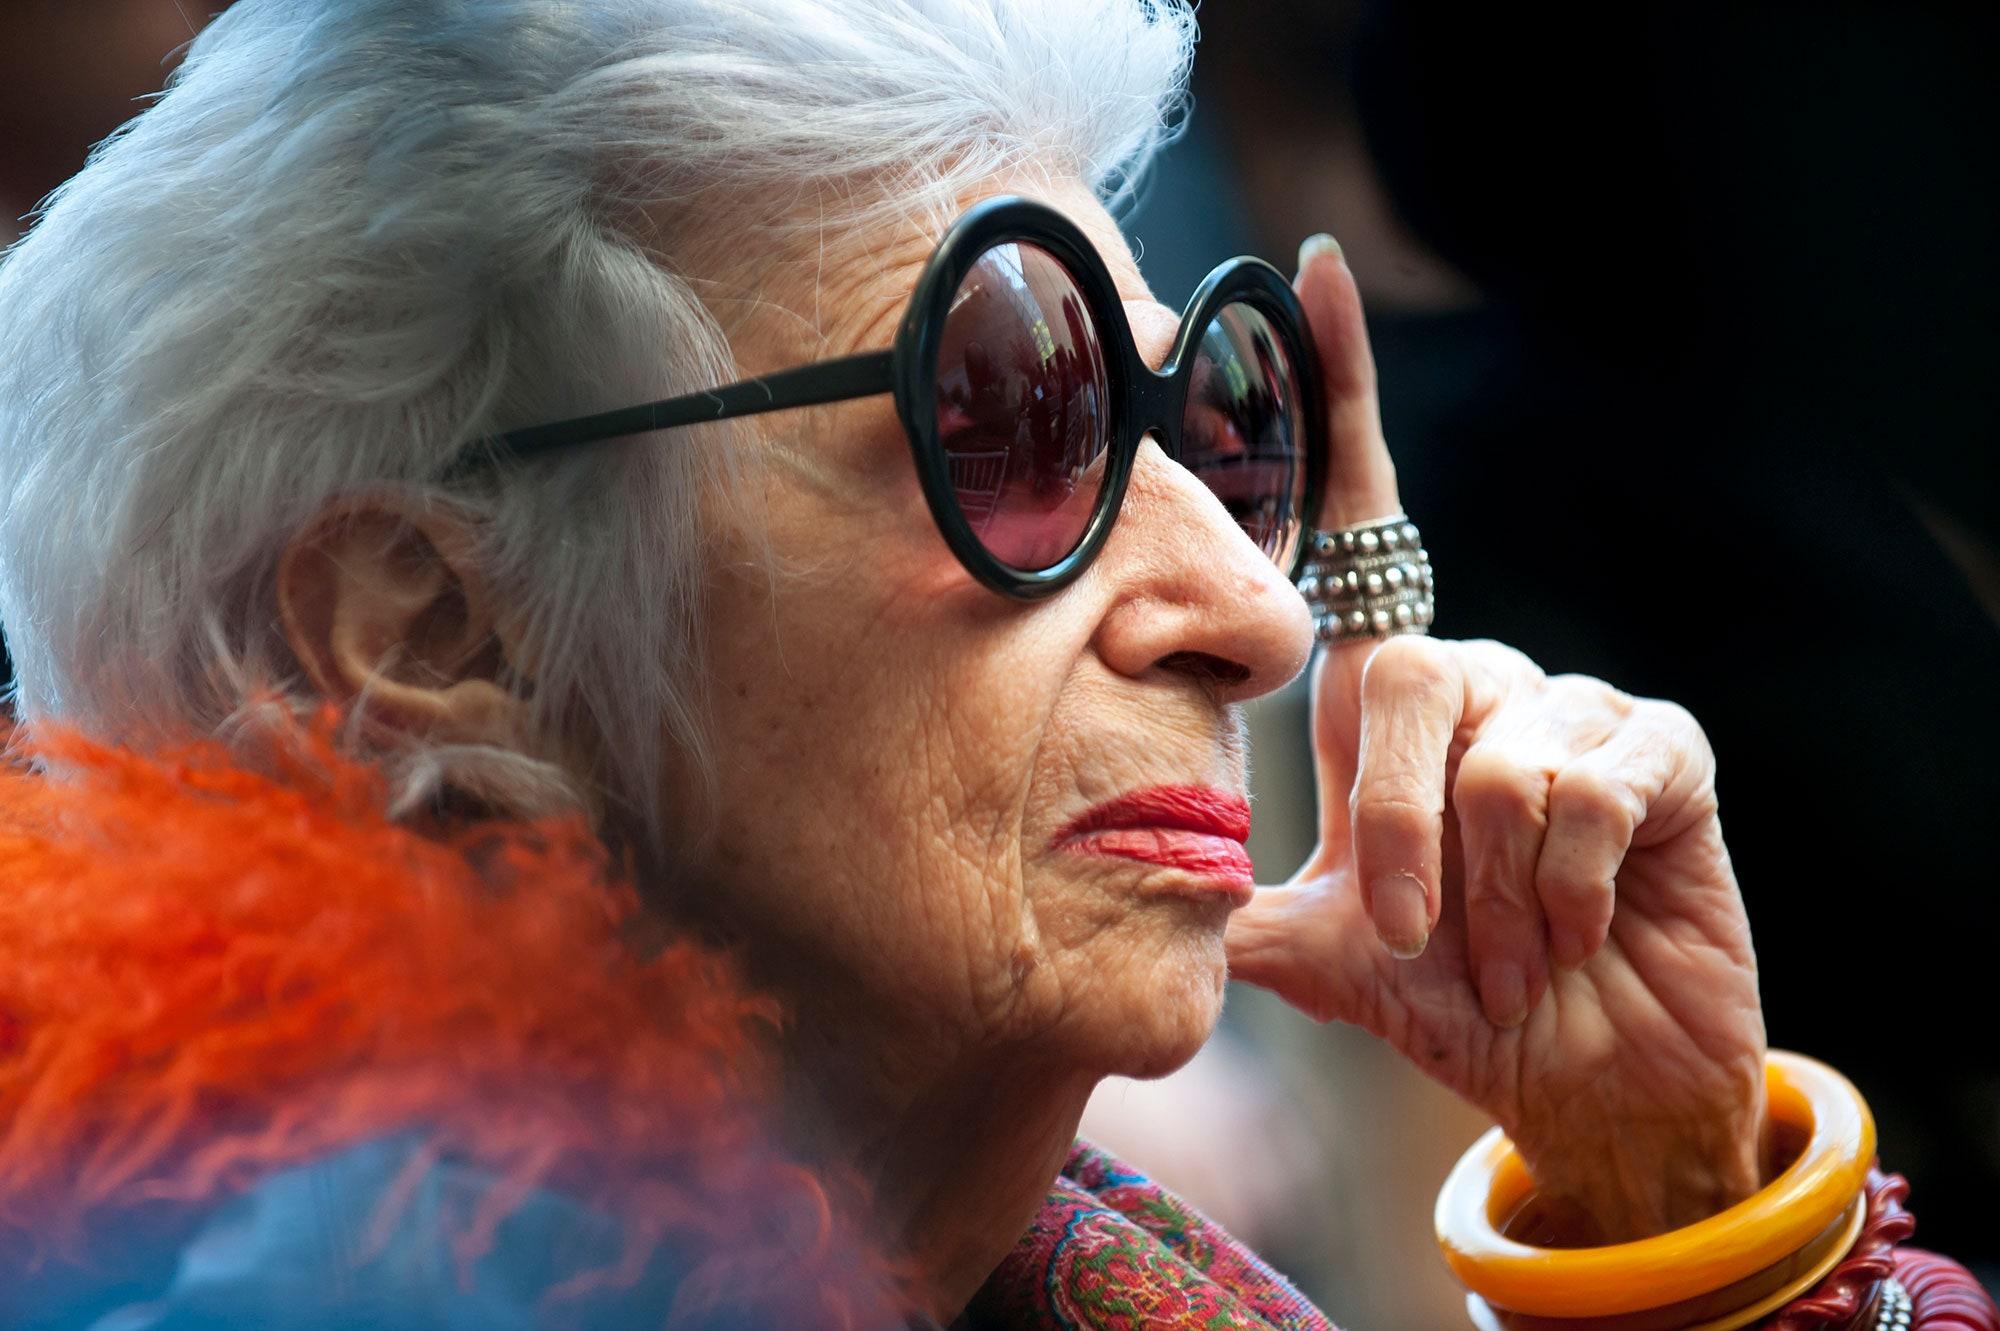 Ở tuổi 100, bà Iris Apfel liên tục làm việc. Bà vừa ra mắt cuốn sách tô màu nhằm giúp mọi người tìm thấy sự vui vẻ. Bà đảm nhận công việc thiết kế nội thất cho một đơn vị chuyên bán đồ gia dụng của Mỹ.